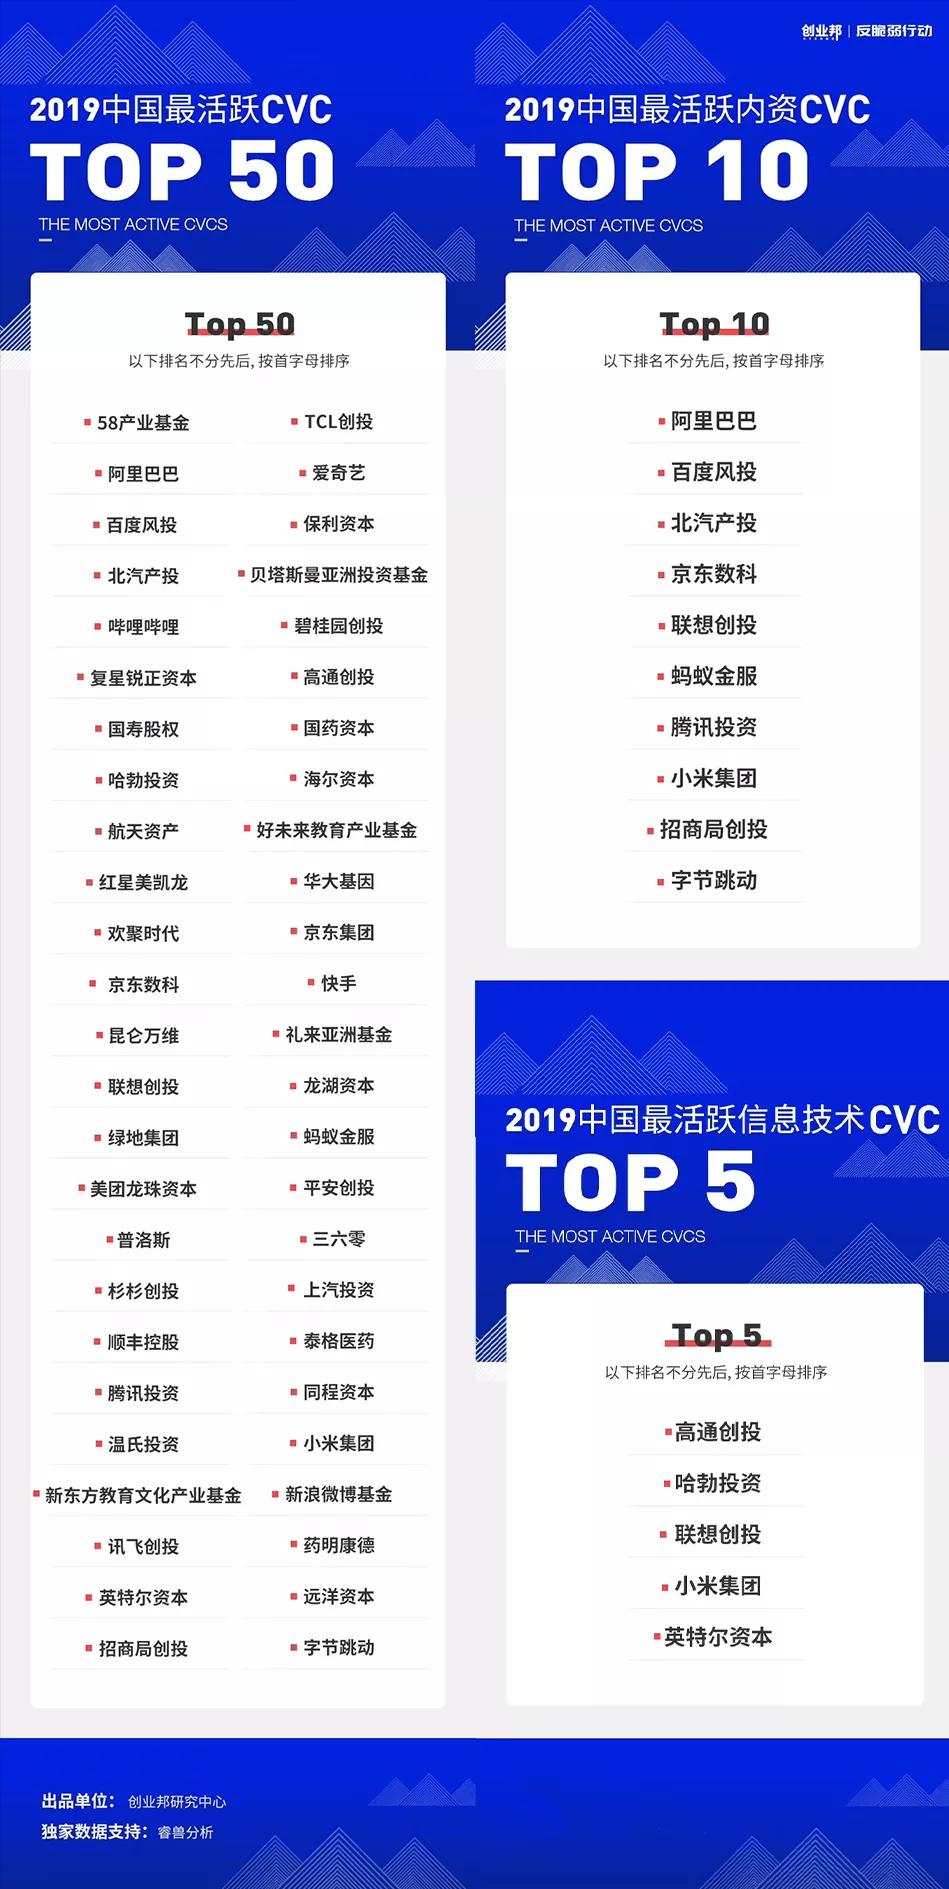 联想创投荣获「2019中国最活跃CVC TOP 50」等多项大奖,大企业创投迎来黄金时代